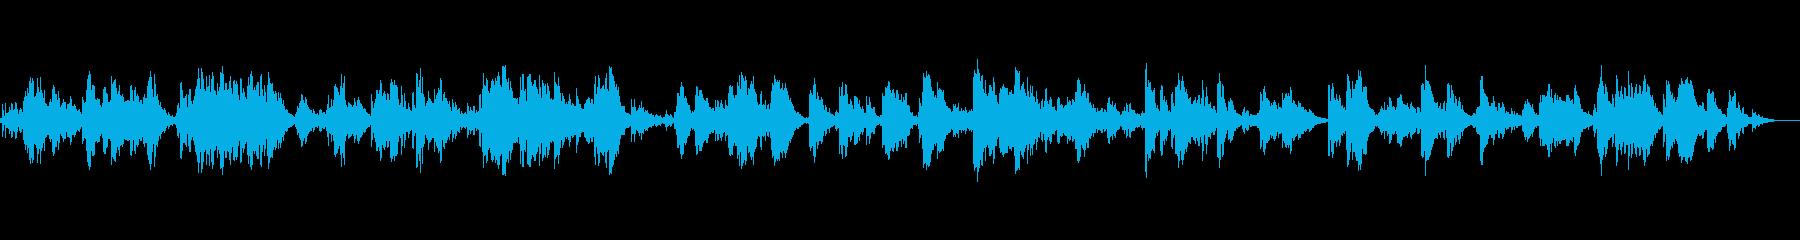 水を感じる癒しのBGMの再生済みの波形